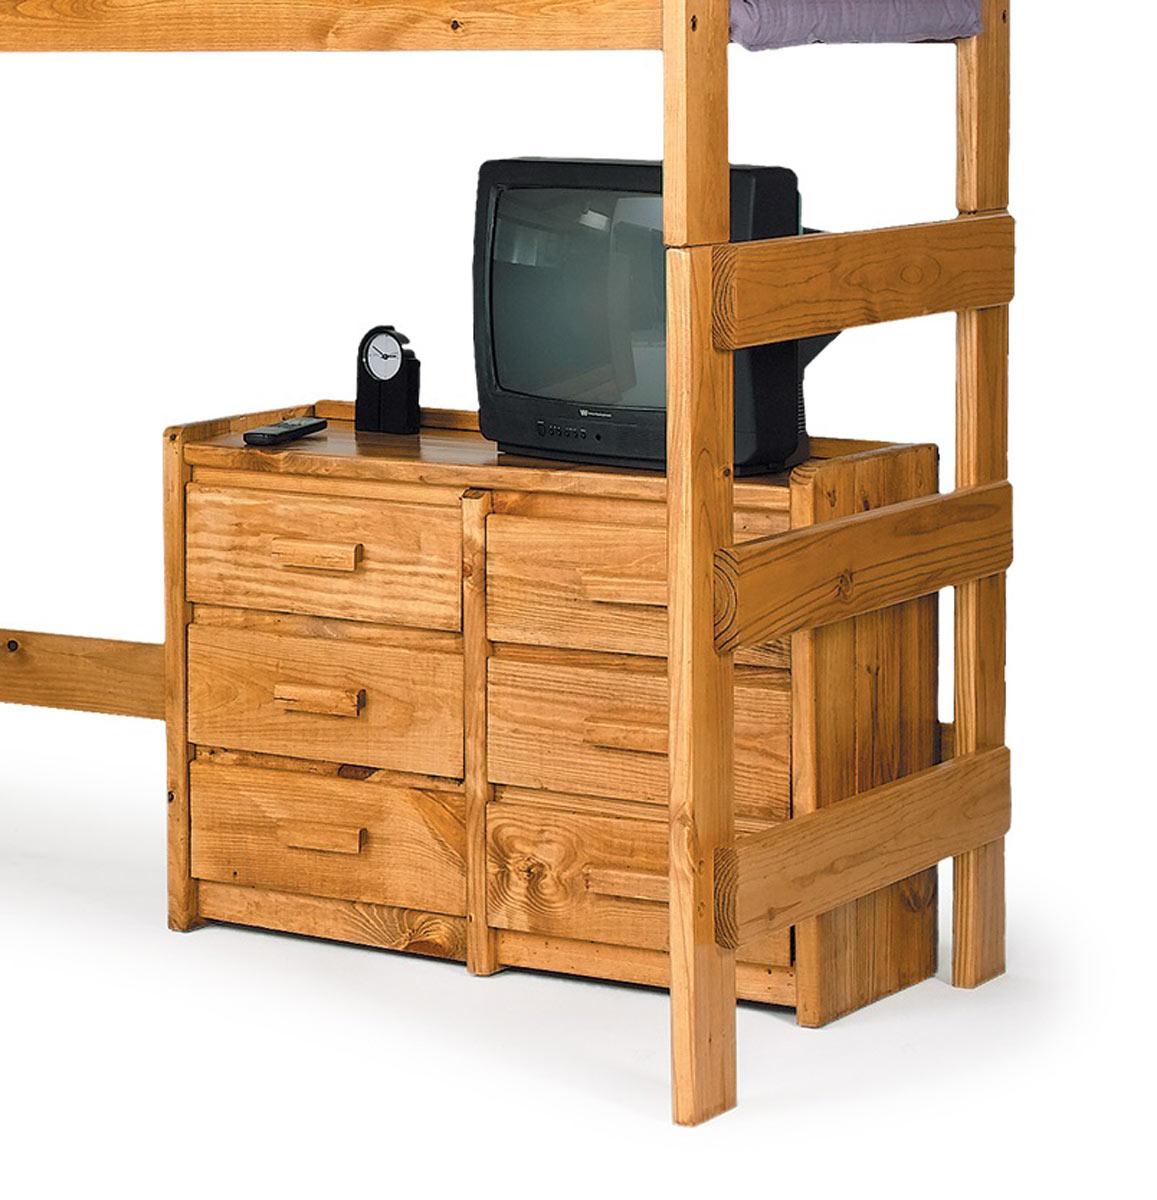 Chelsea Home 36066 6 Drawer Dresser - Honey